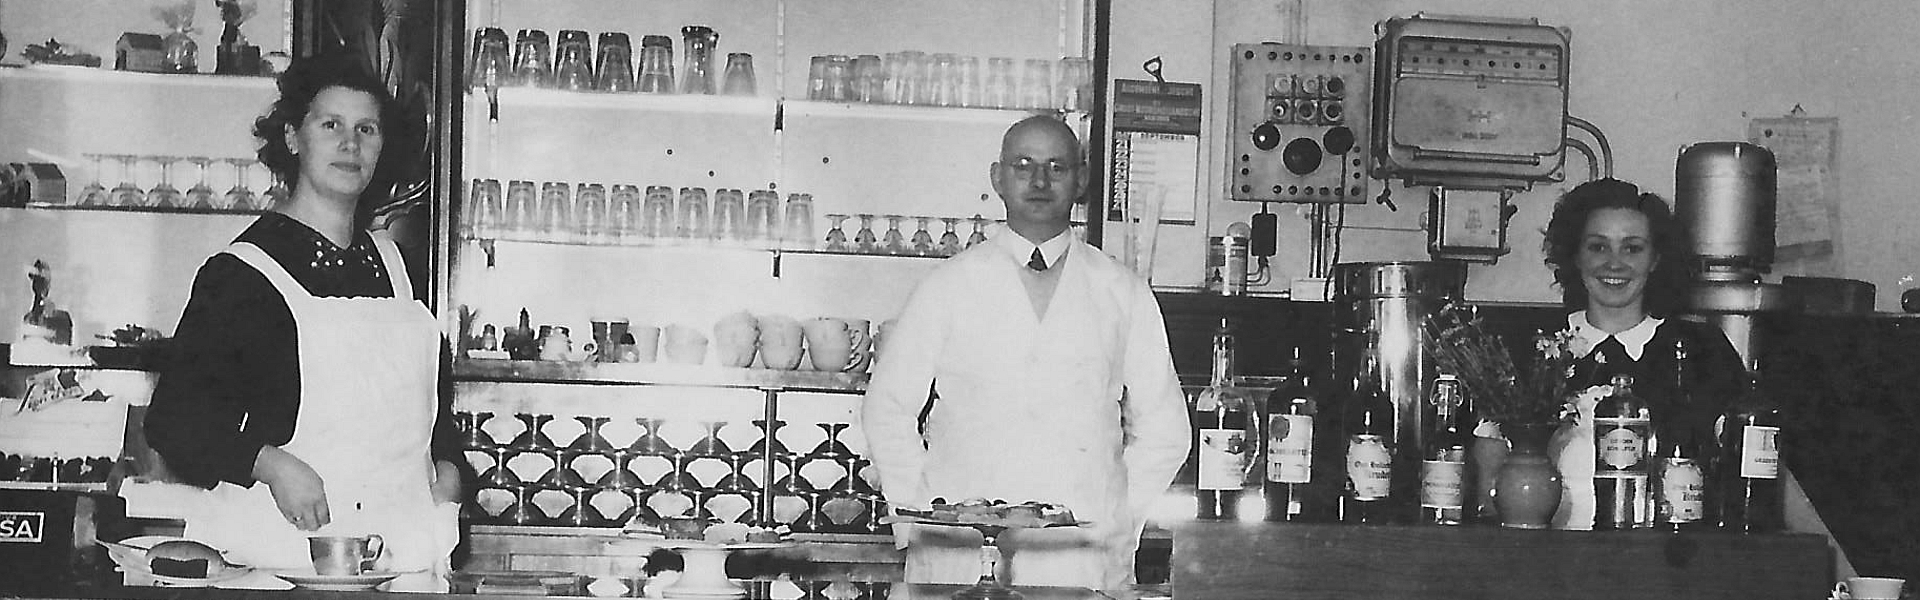 Lunchroom De Piet Hein 1947